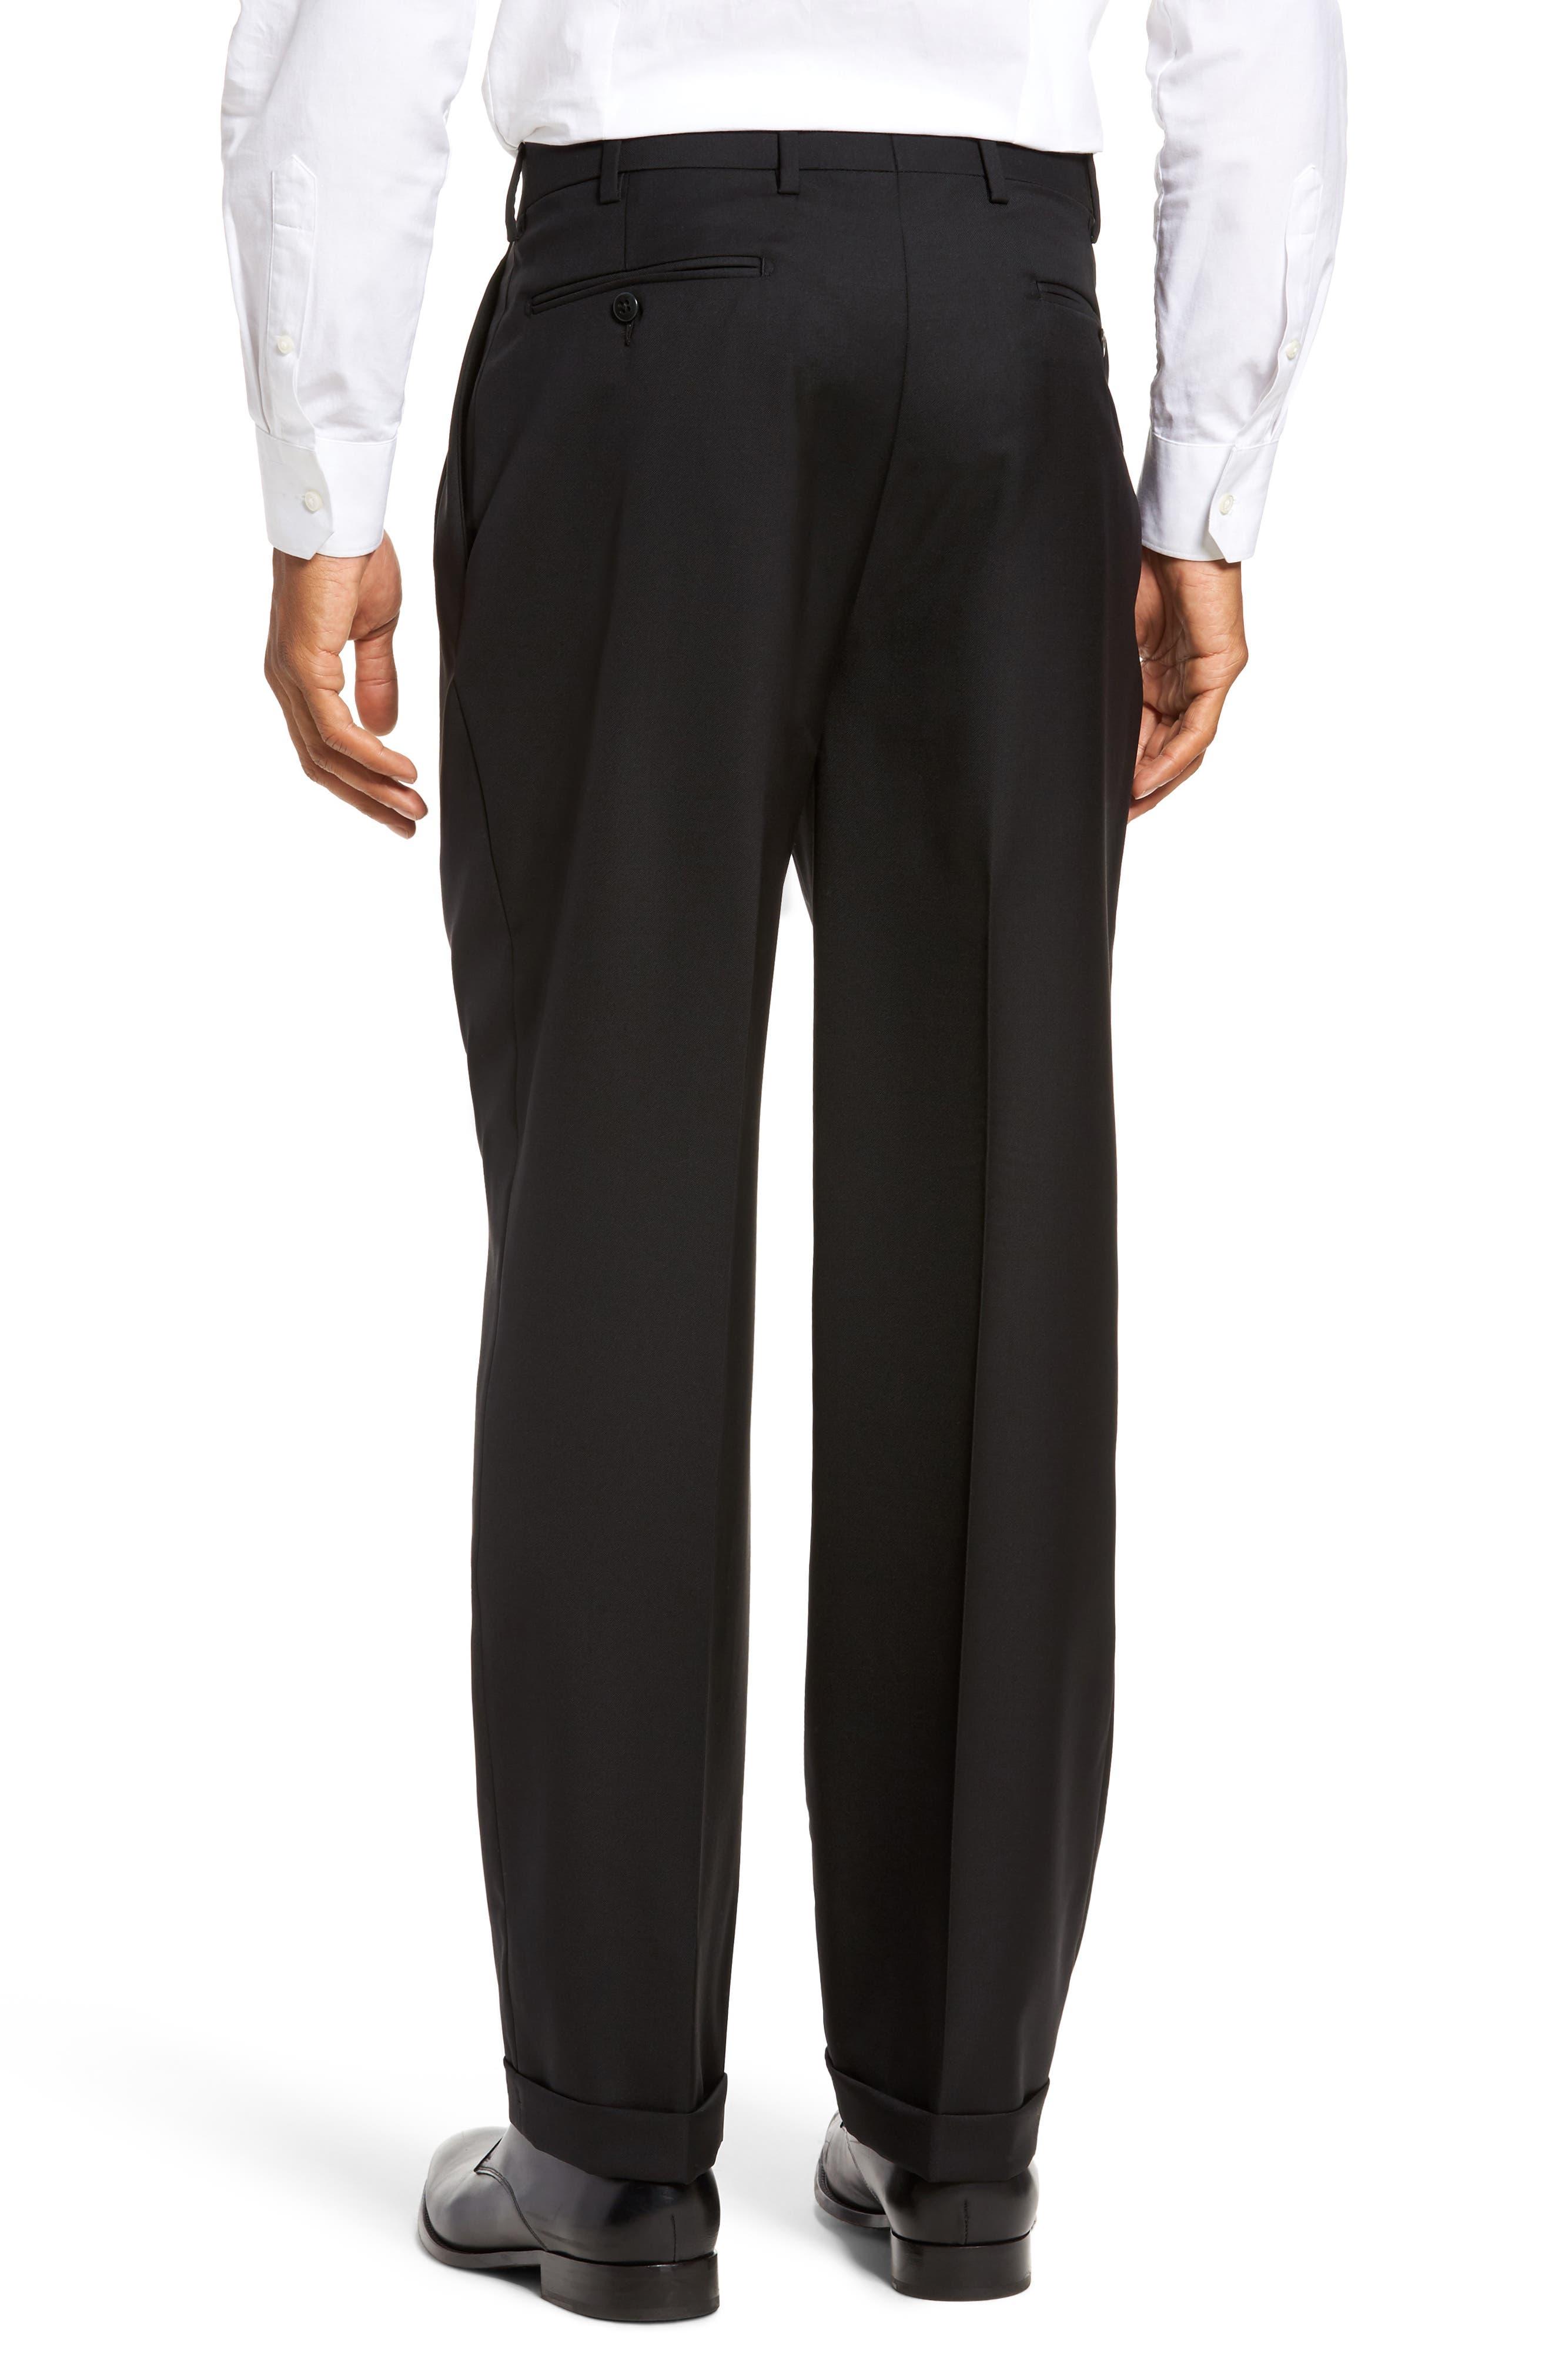 Bennett Regular Fit Pleated Trousers,                             Alternate thumbnail 2, color,                             Black